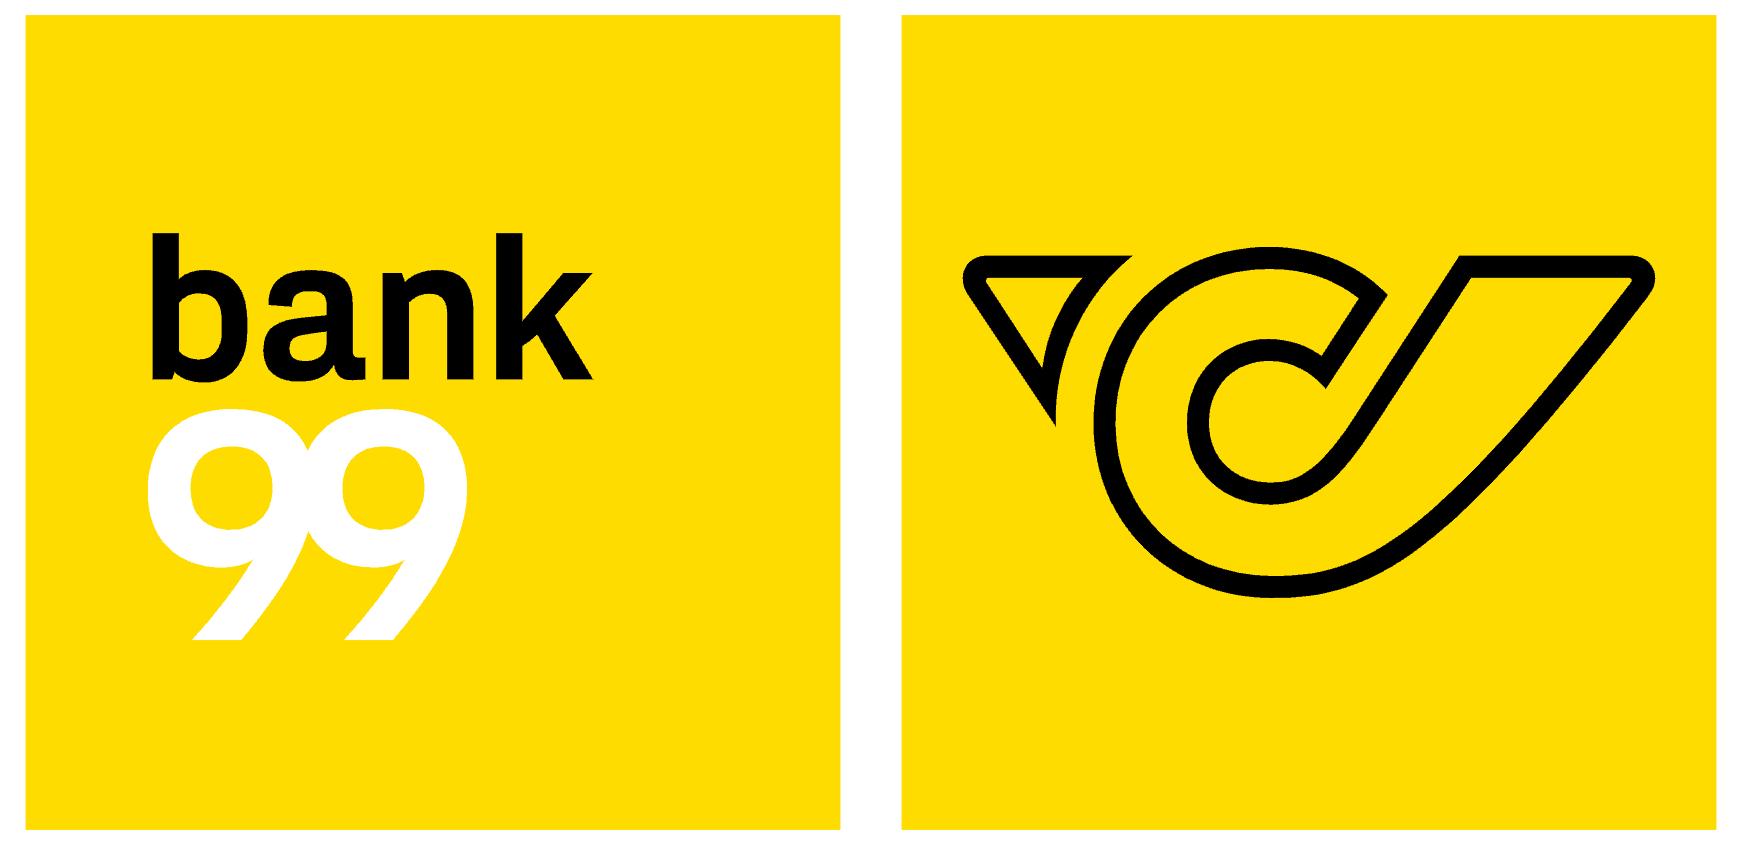 bank99